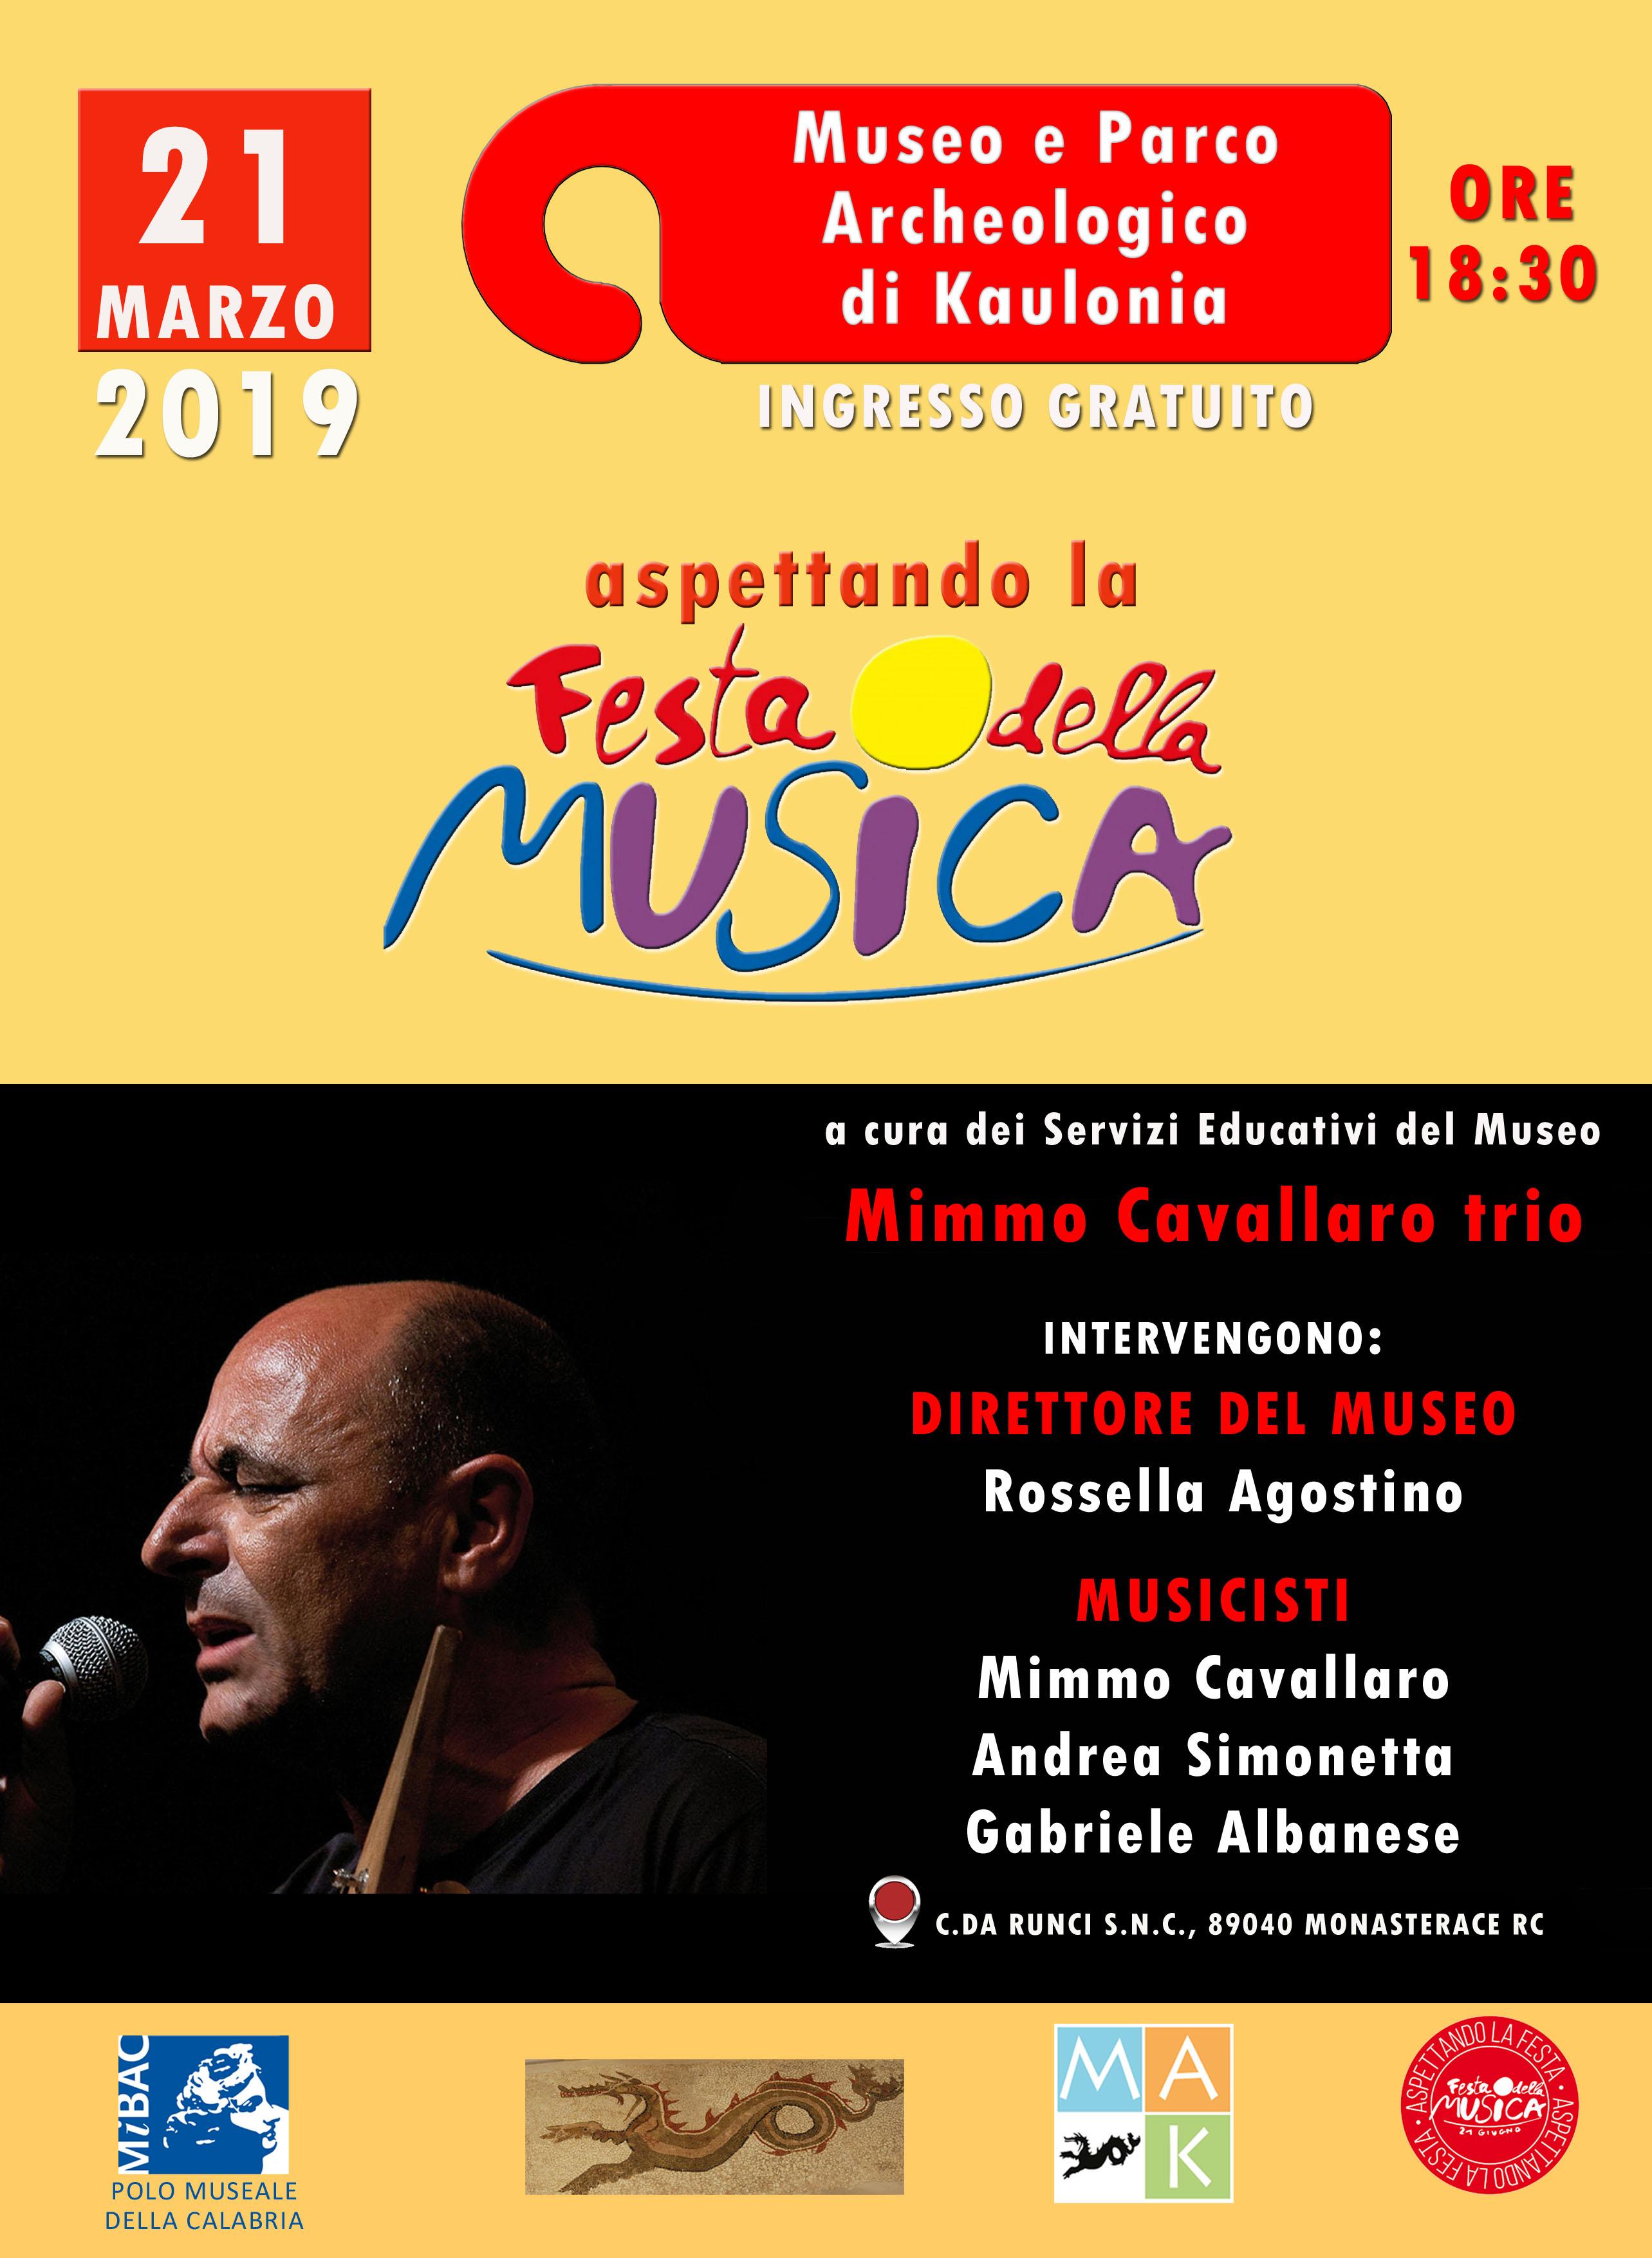 """A Monasterace (Reggio Calabria) : """"Aspettando la Festa della musica"""""""